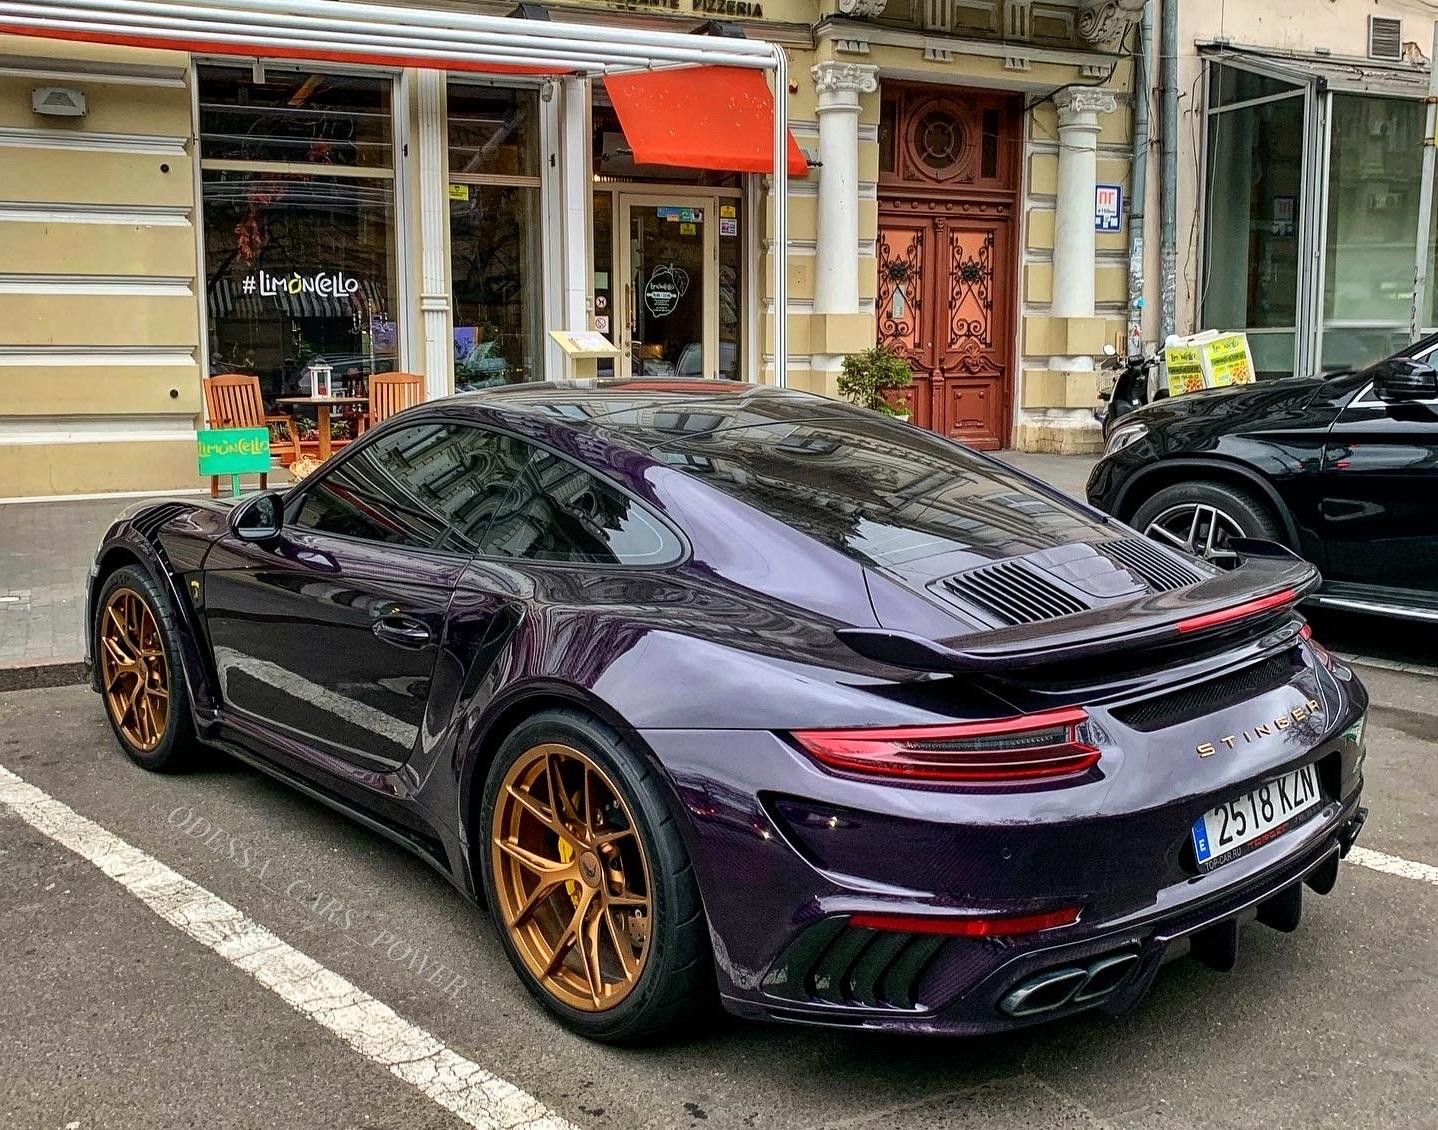 Ранее уникальный спорткар Porsche 911 Stinger заметили в Киеве и Львове